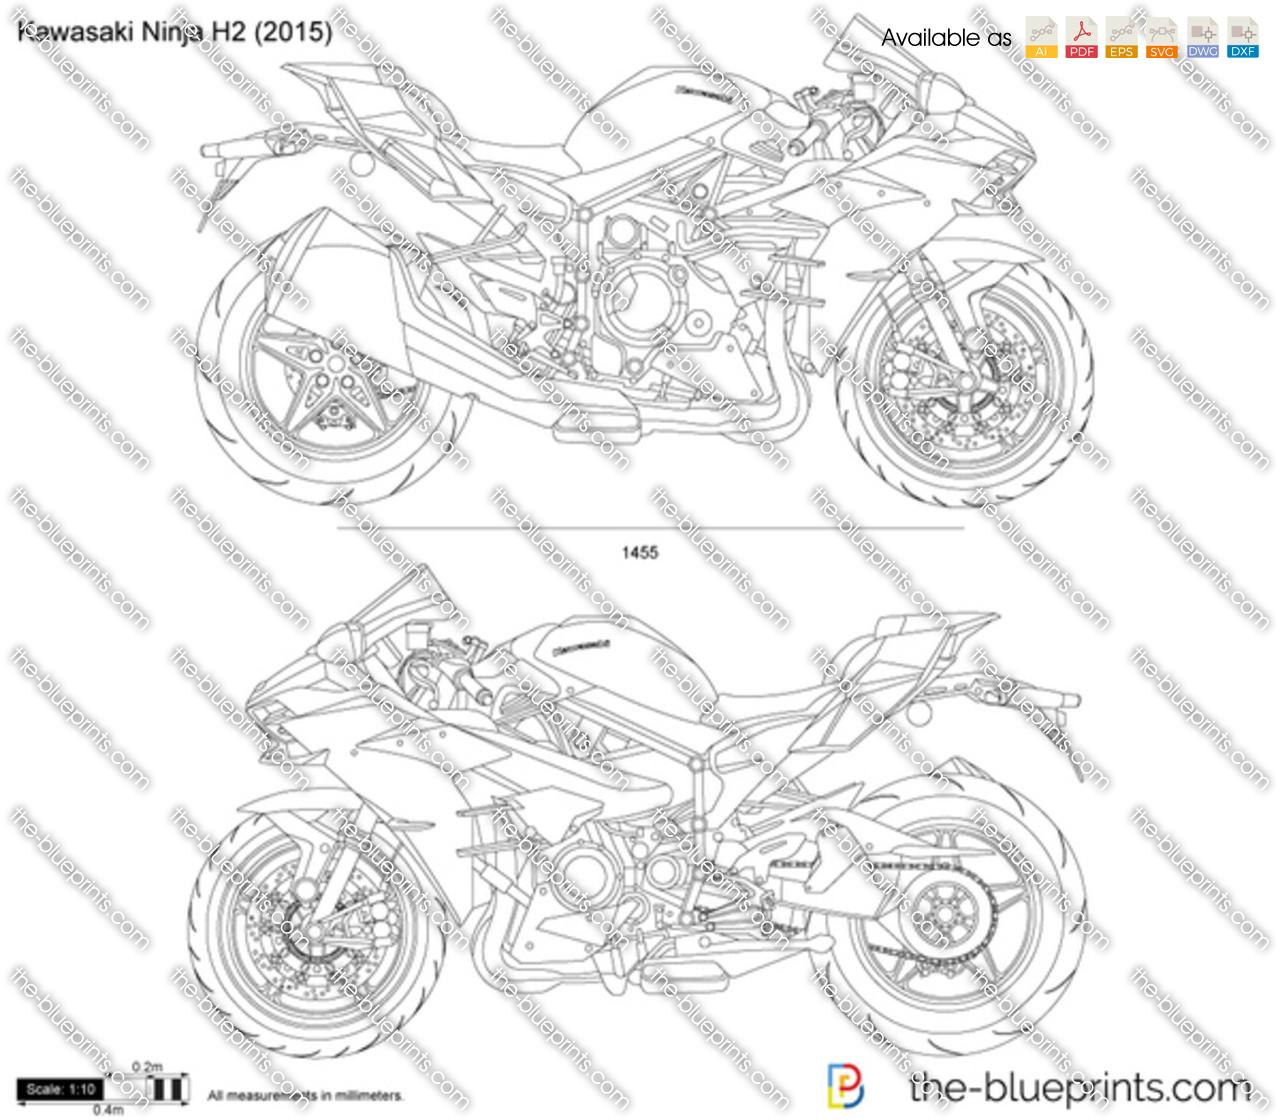 Kawasaki Ninja H2 vector drawing